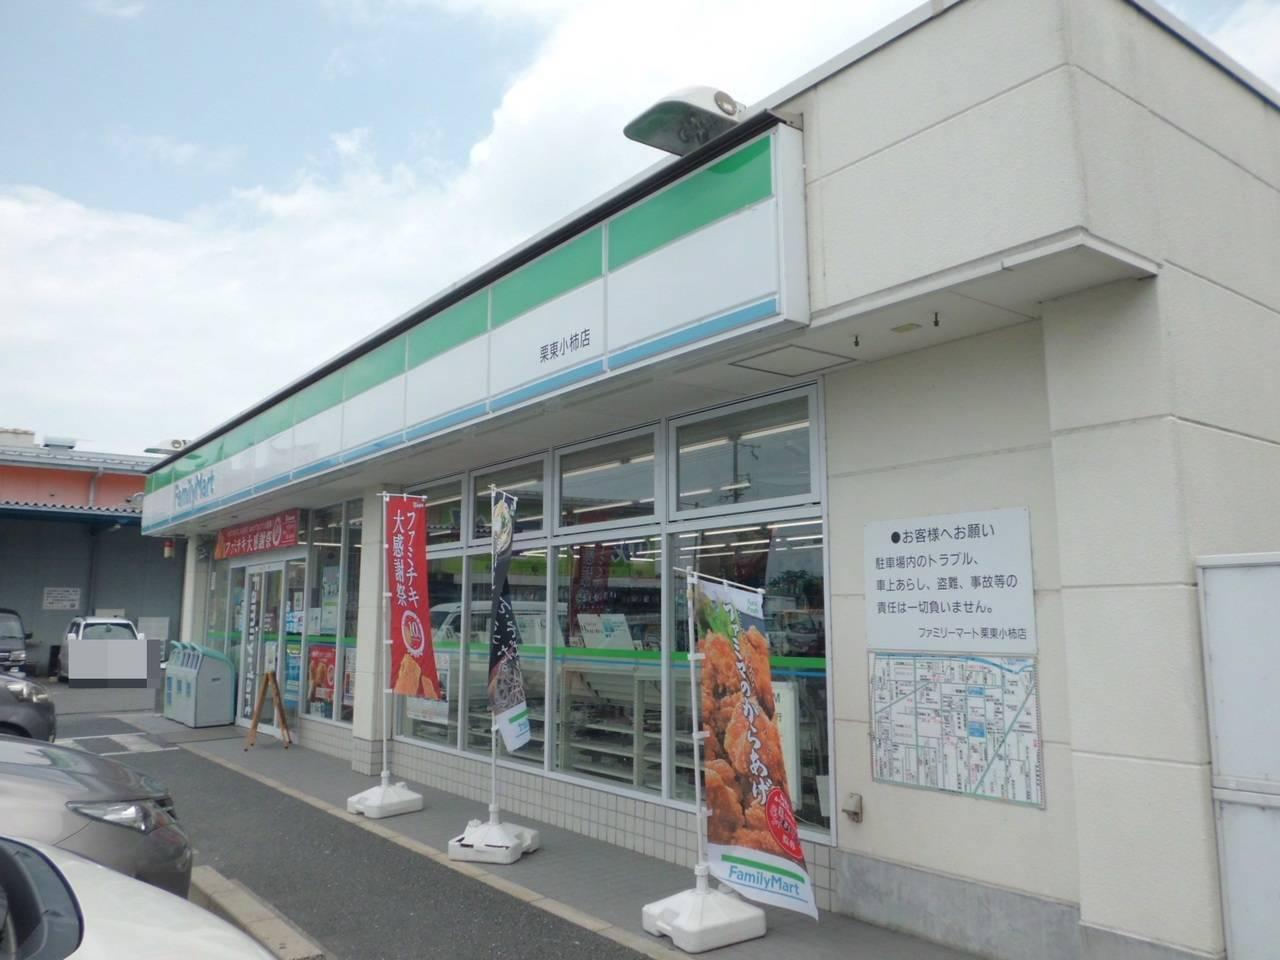 【コンビニ】ファミリーマート栗東小柿店